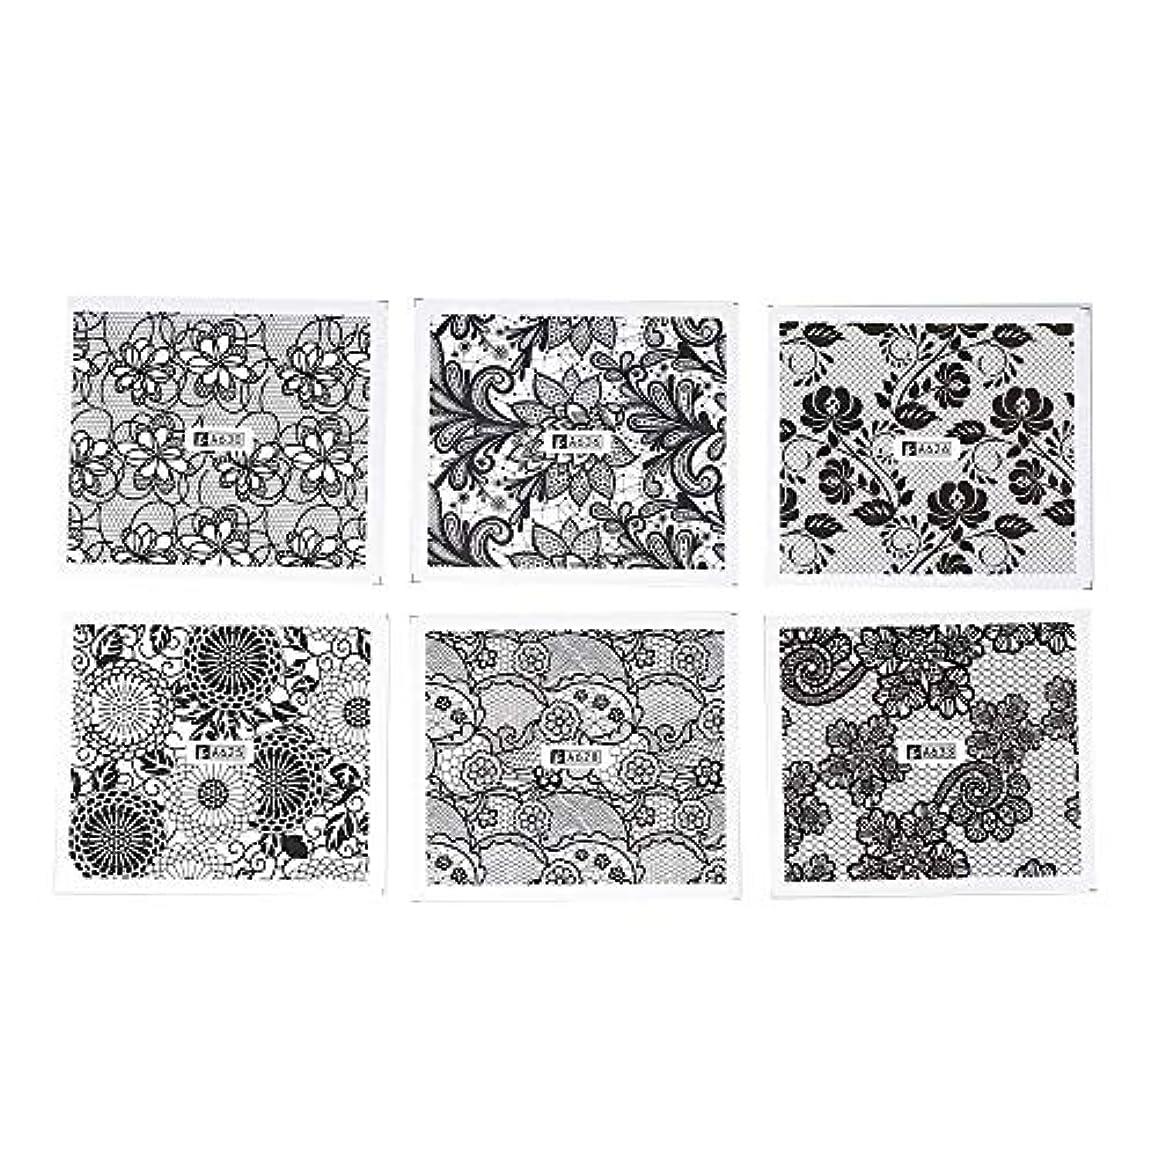 こねる従来のペフホワイト レース ブラック ネイルホイル ネイル転印シール 混合 花柄 ネイルシール ネイルステッカー ネイルデコ ネイルアート DIY 装飾ツール 24枚セット